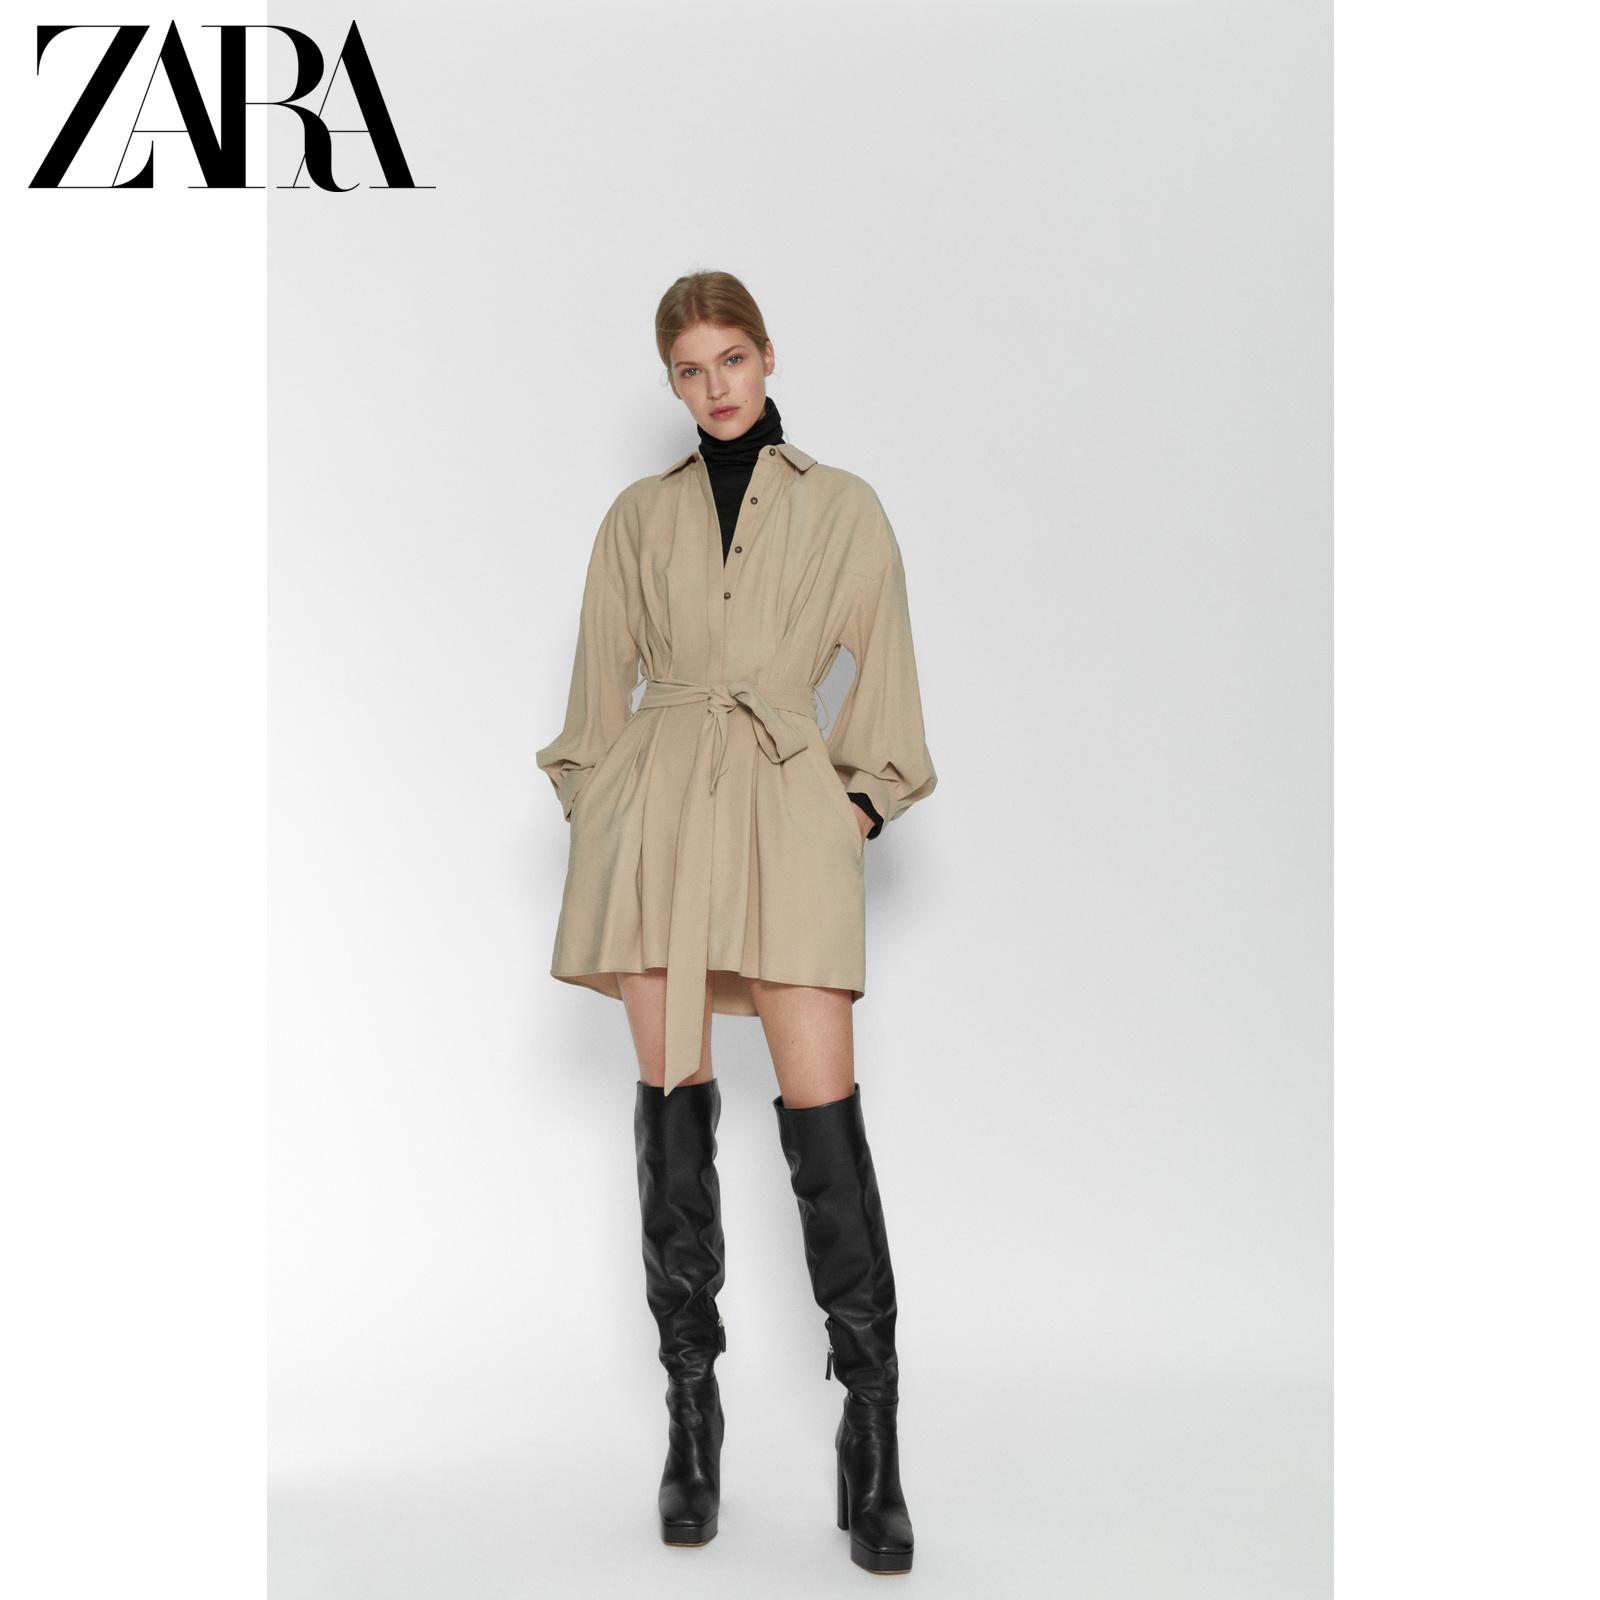 ZARATRF 女装 配腰带衬衣式连衣裙 02184306704